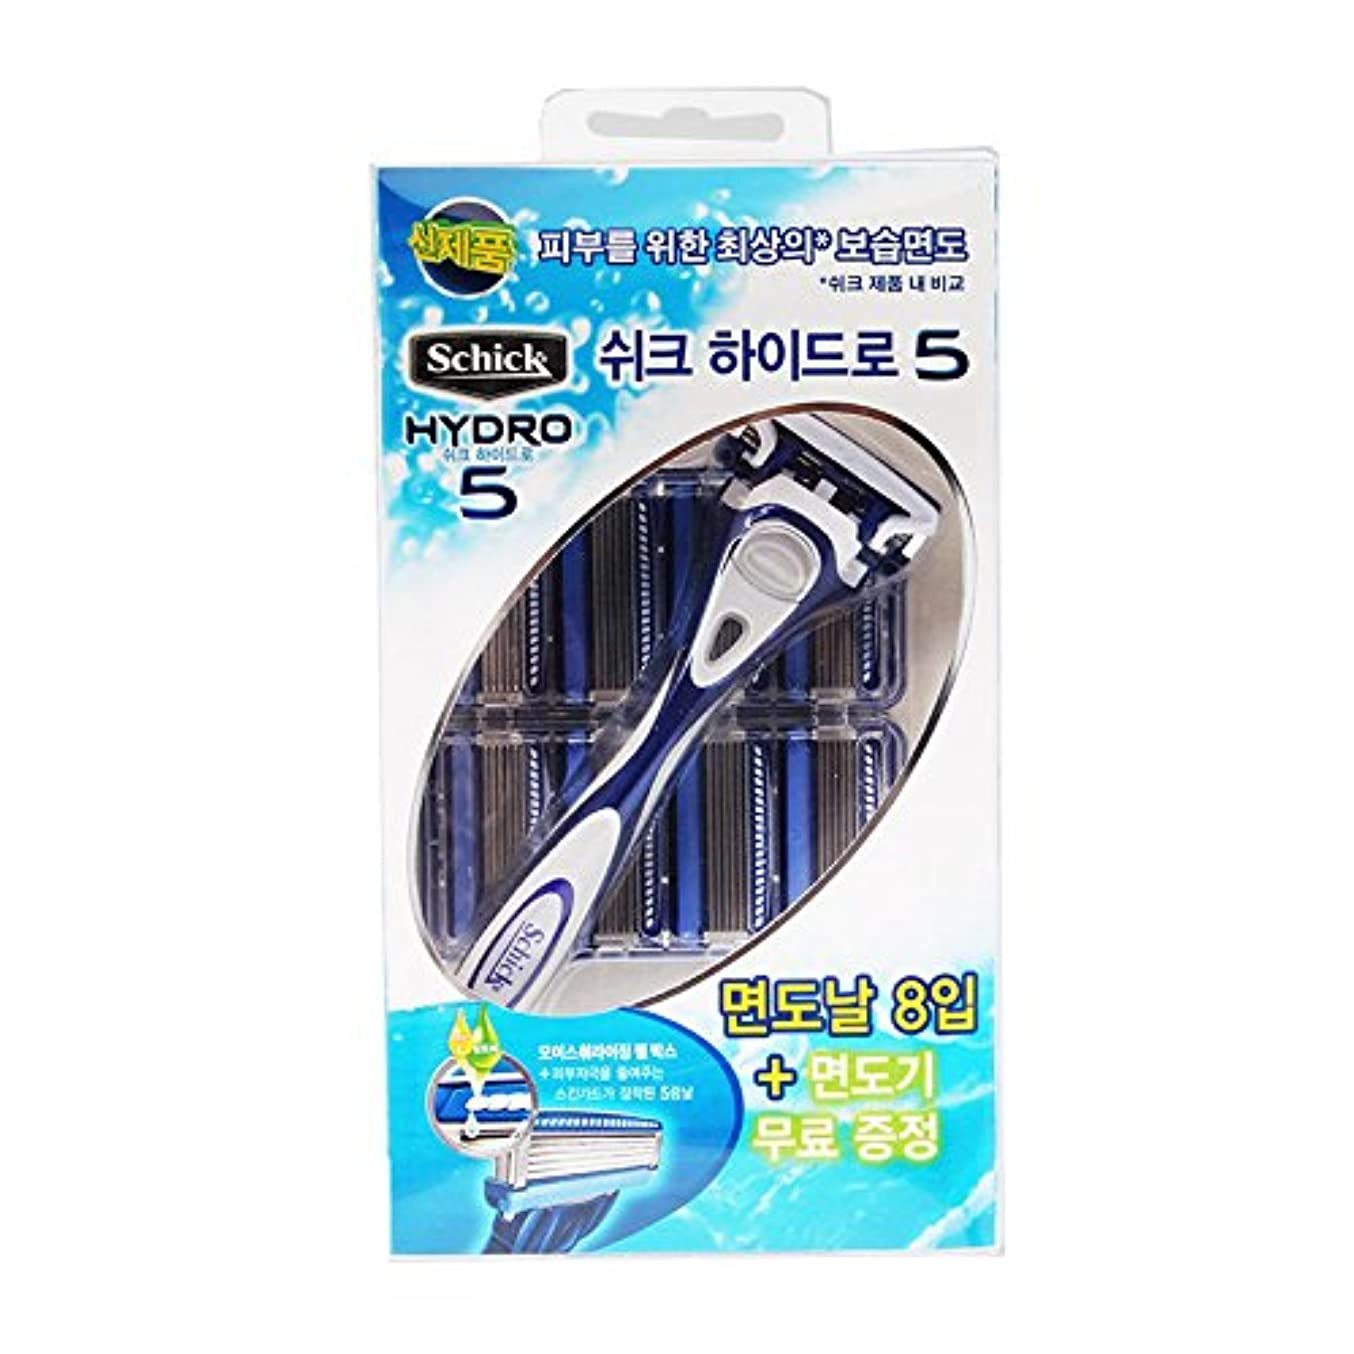 リハーサル品種コピーSchick Hydro 5 Shaving 1 Razor with 8 カートリッジ [並行輸入品]